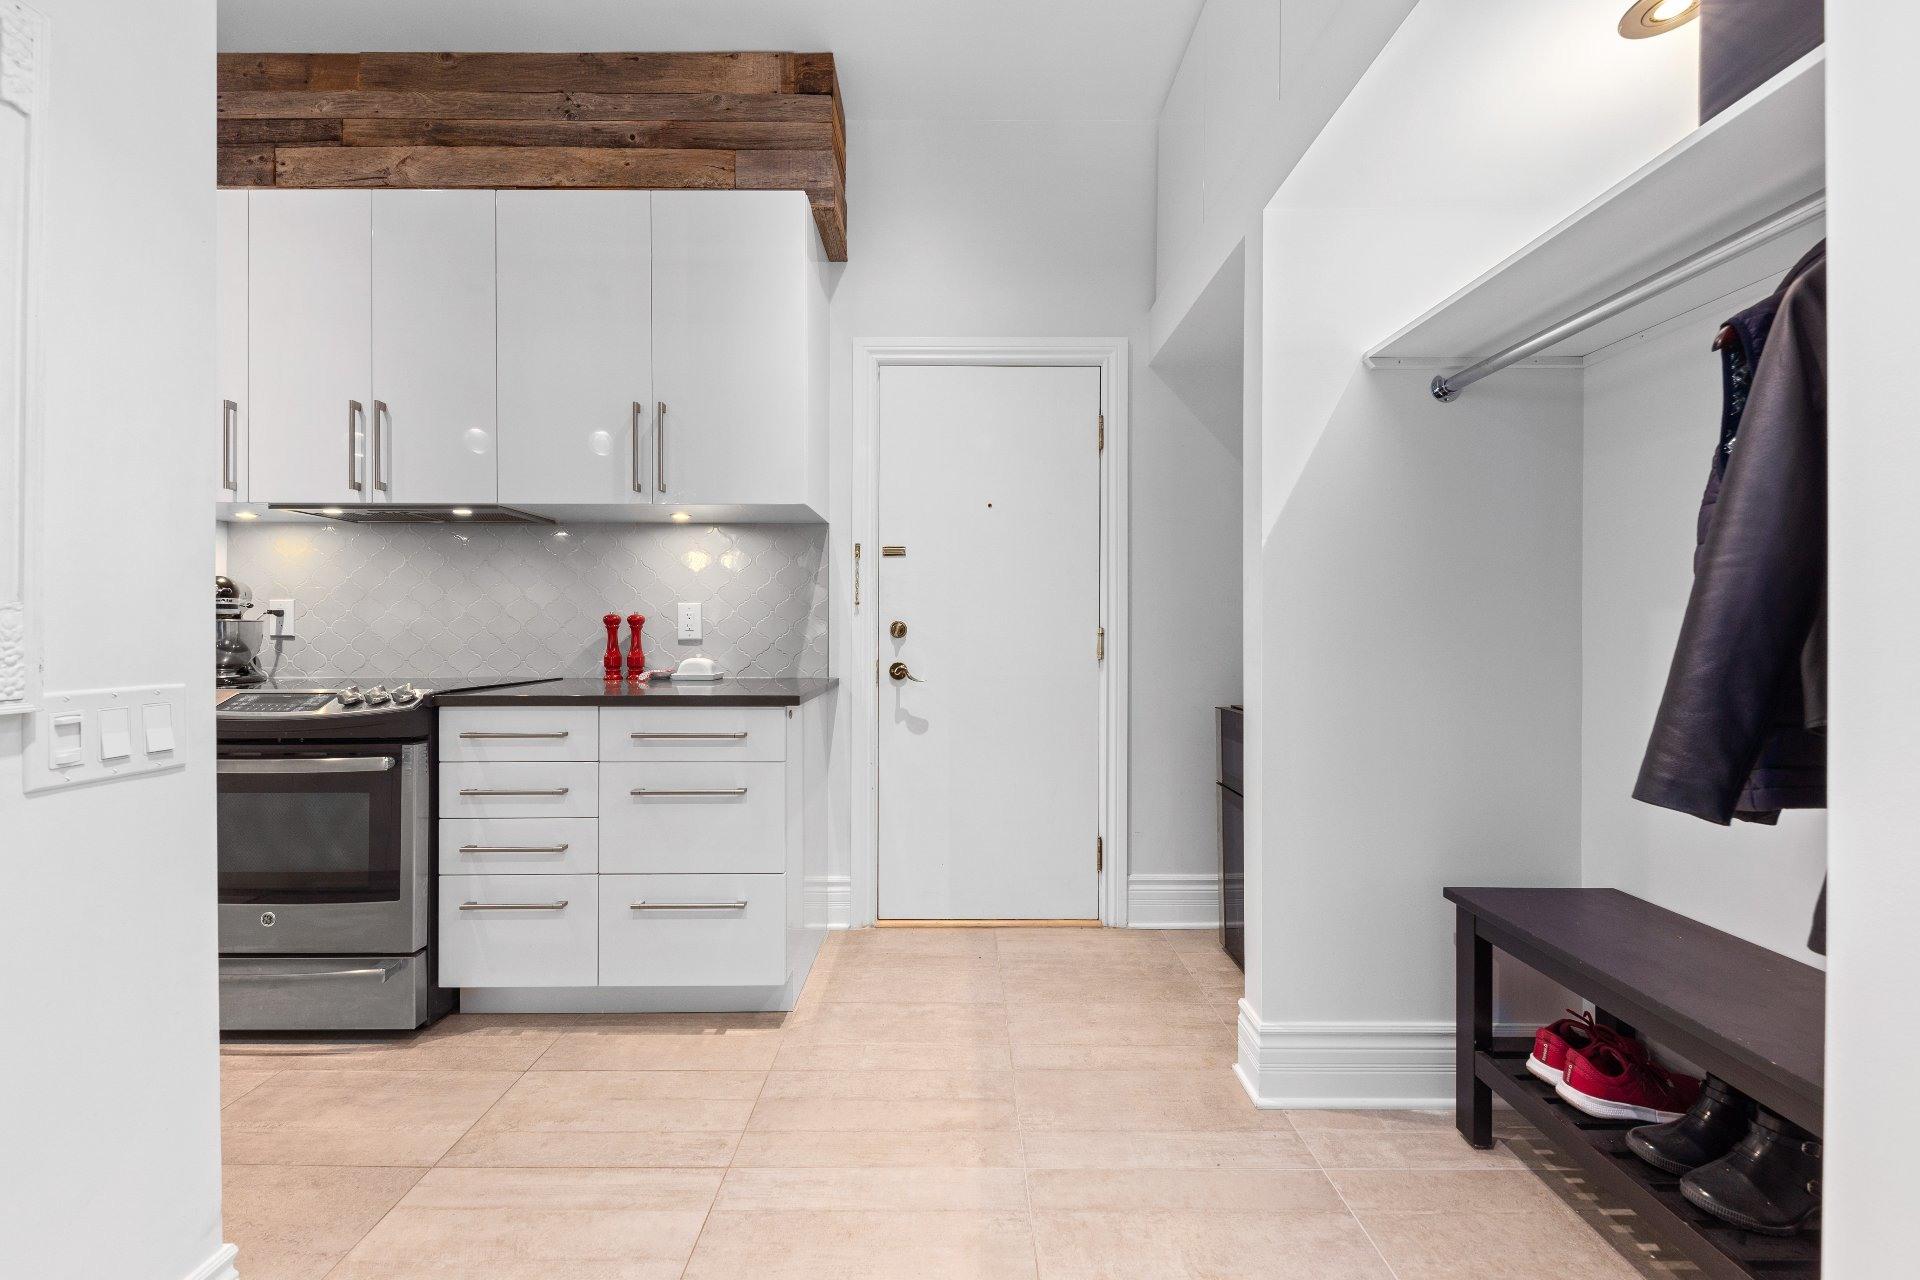 image 4 - 公寓 出售 Le Plateau-Mont-Royal Montréal  - 7 室